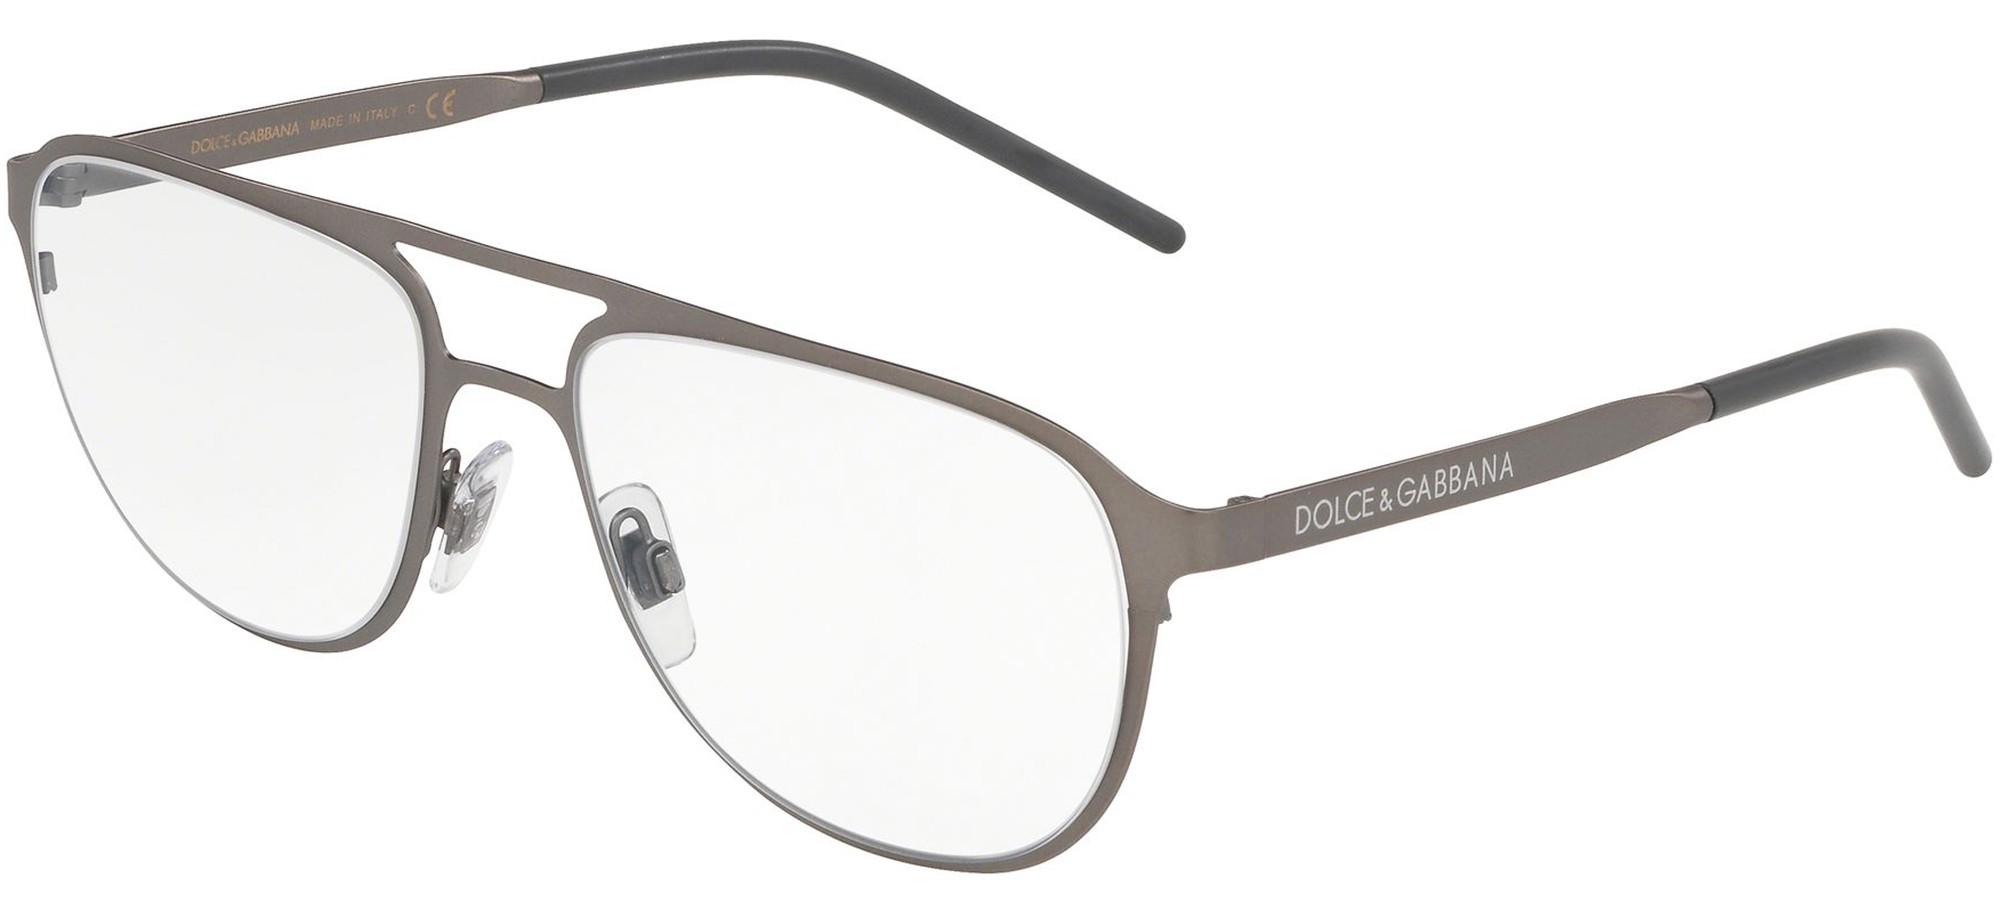 Dolce & Gabbana briller LOGO DG 1317